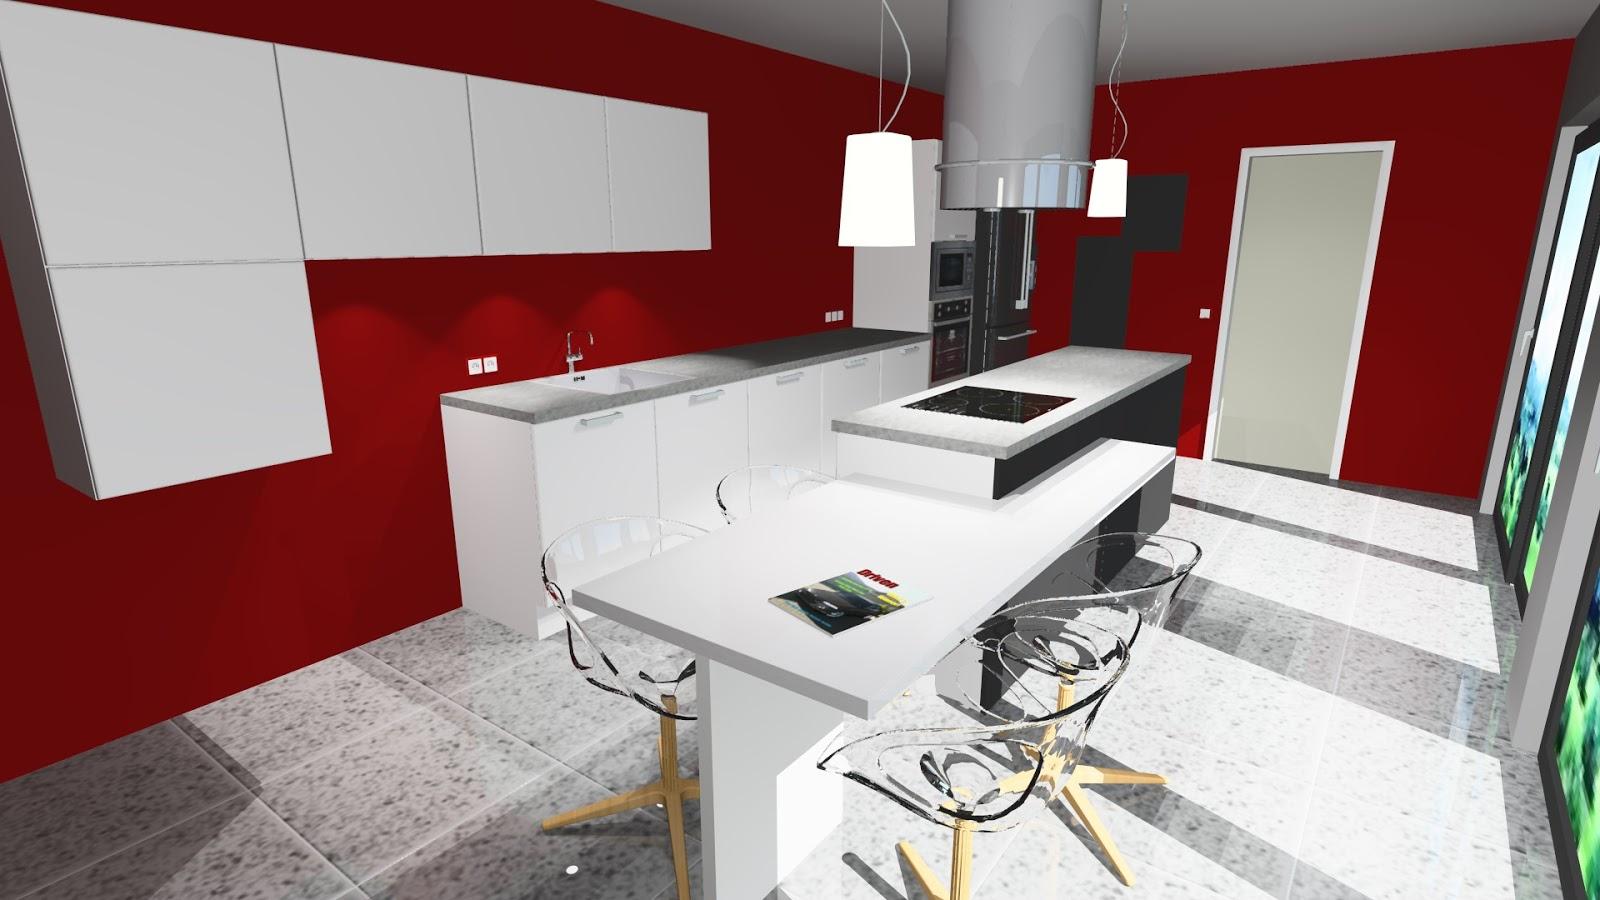 cuisine avec bar. Black Bedroom Furniture Sets. Home Design Ideas